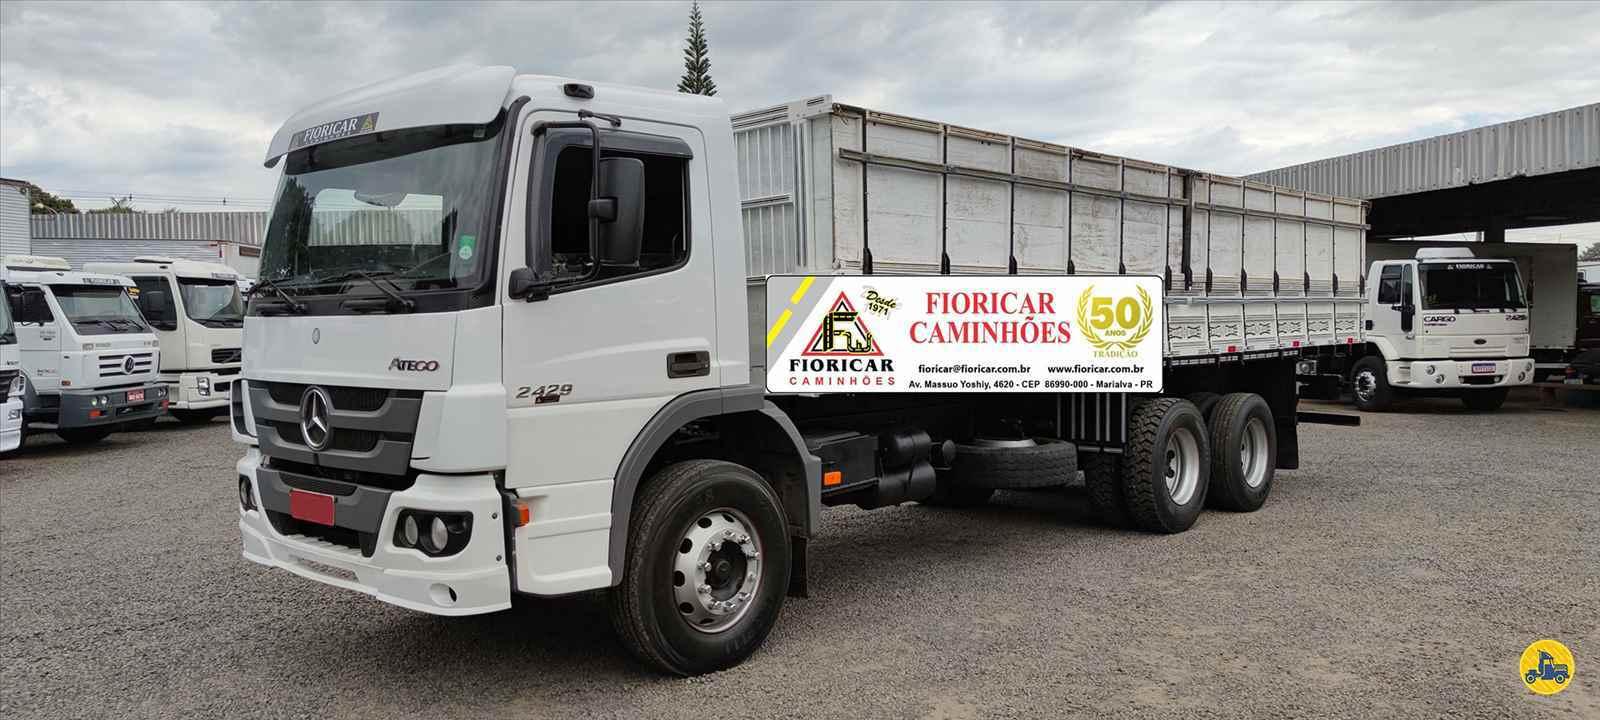 MB 2429 de Fioricar Caminhões - MARIALVA/PR